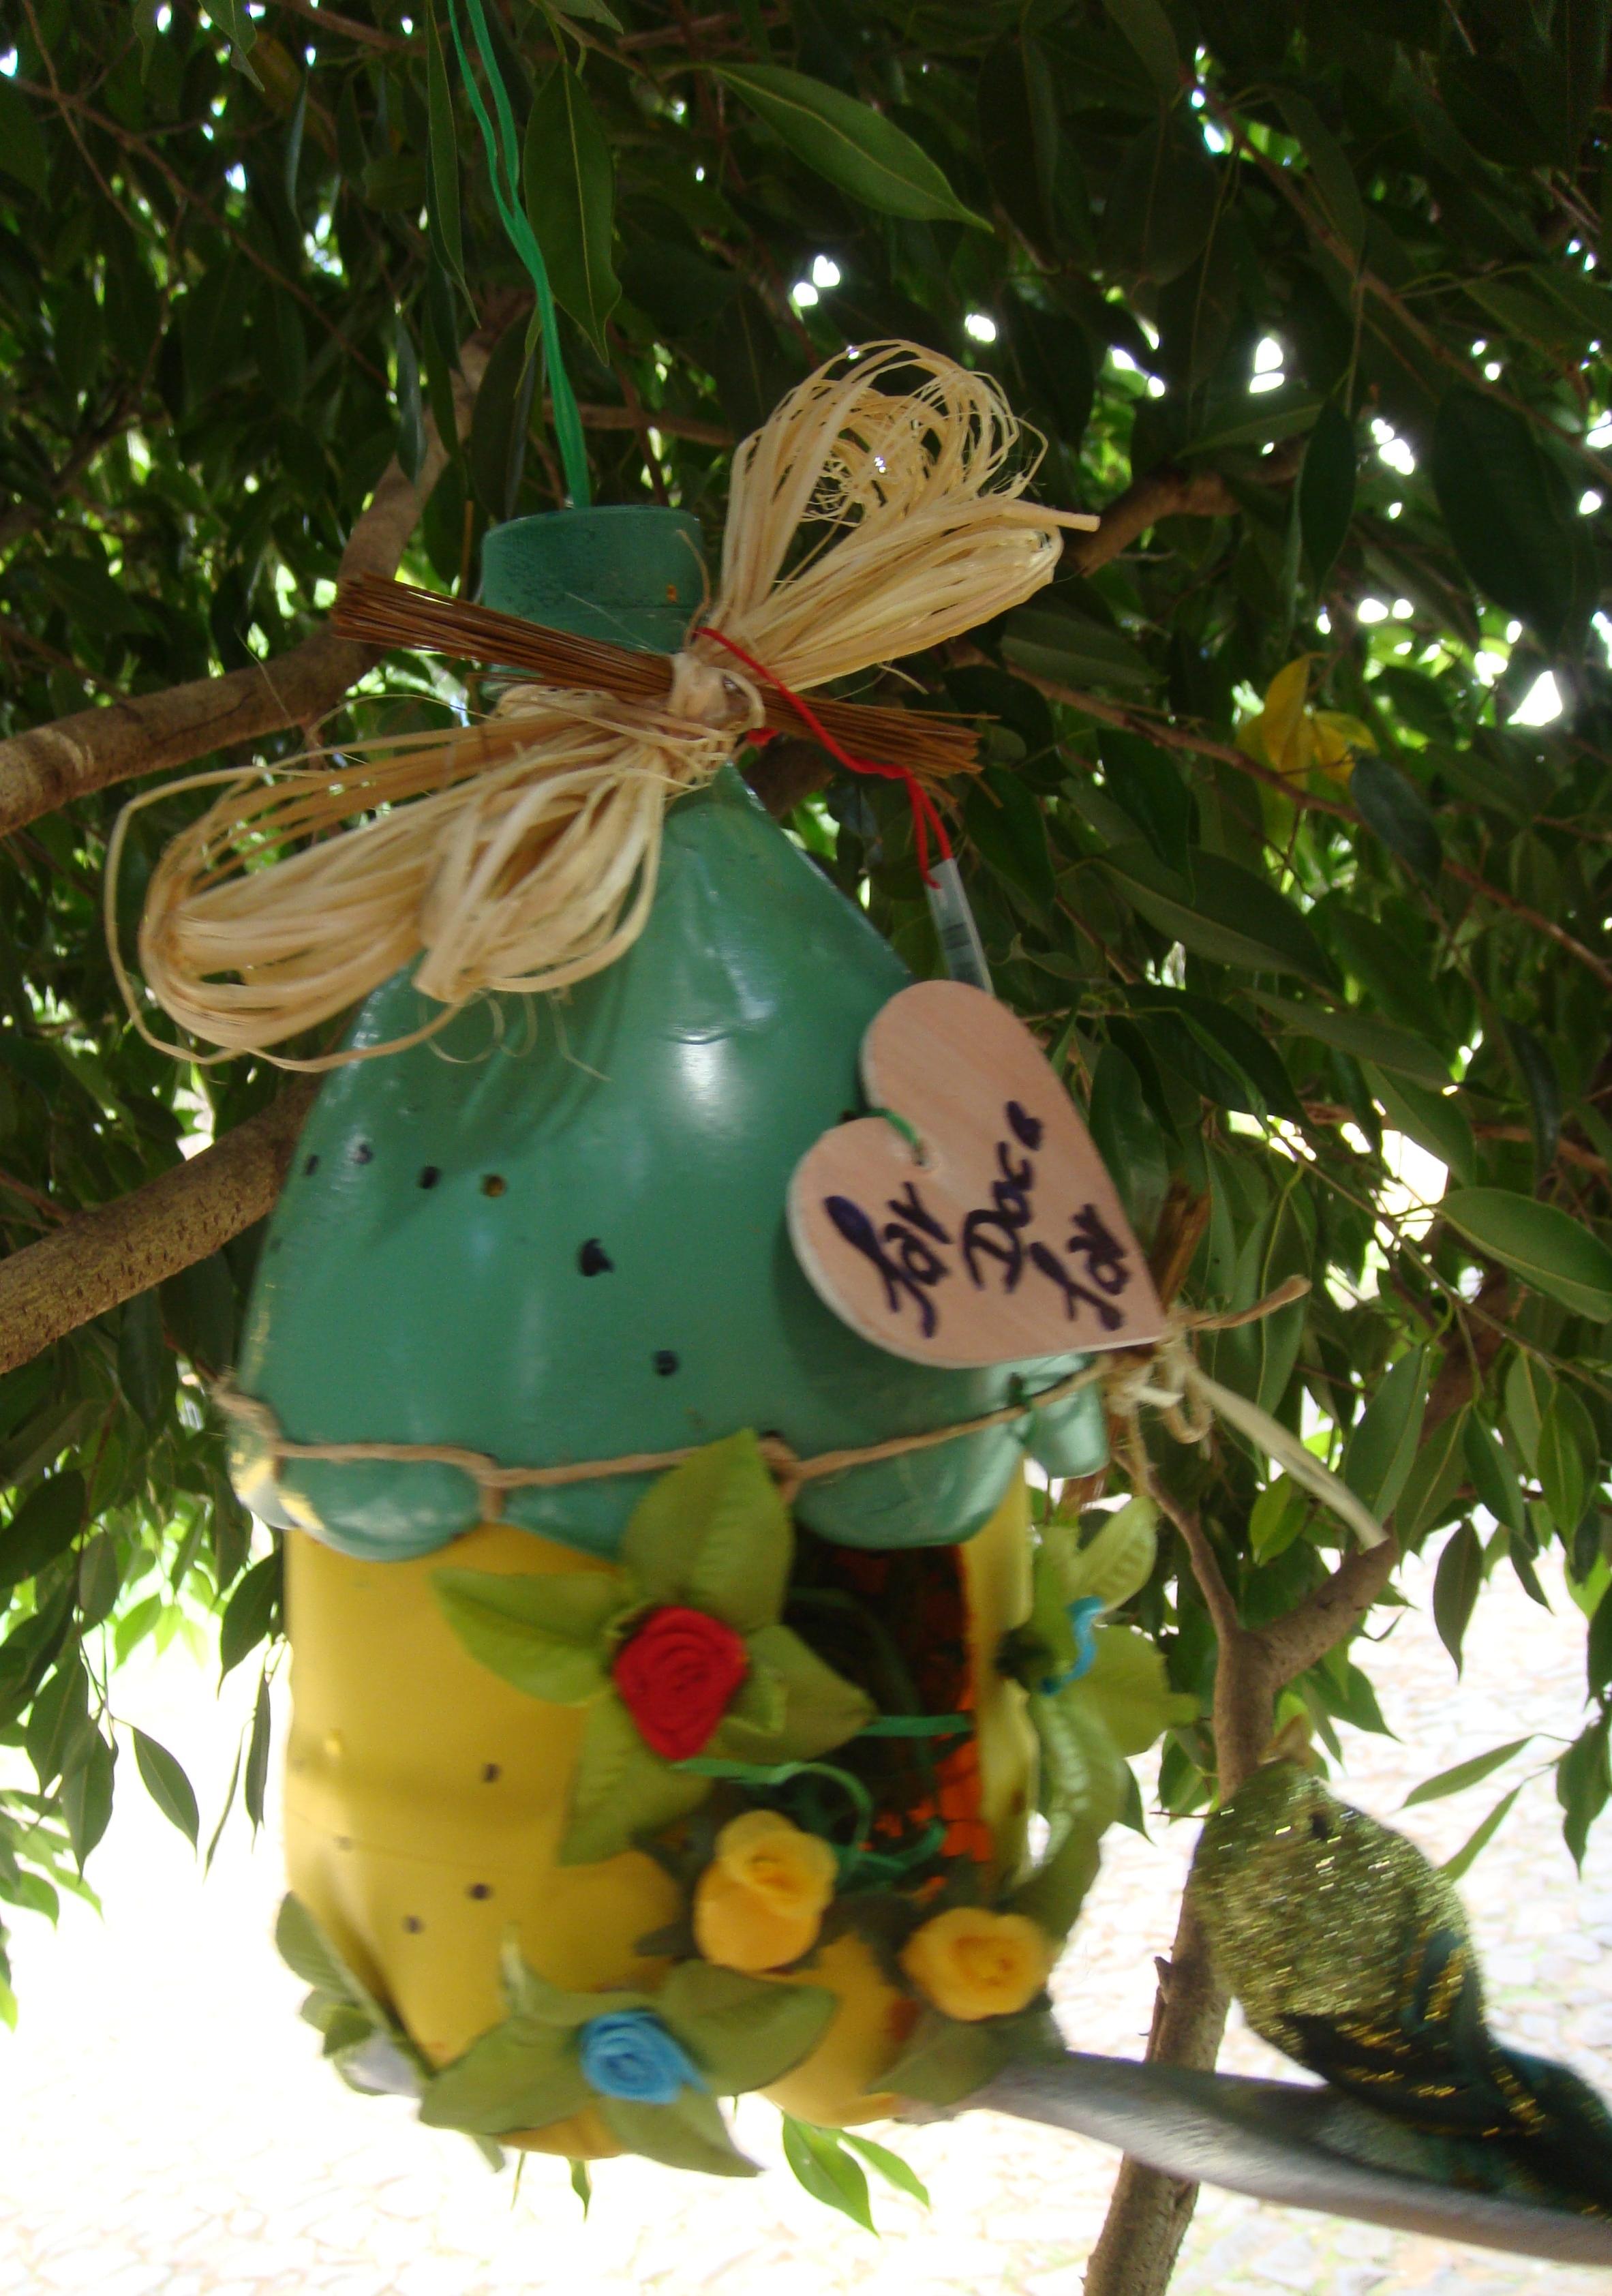 de passarinho pet reciclado pet casinhas de passarinho pet reciclado #A78924 2365x3368